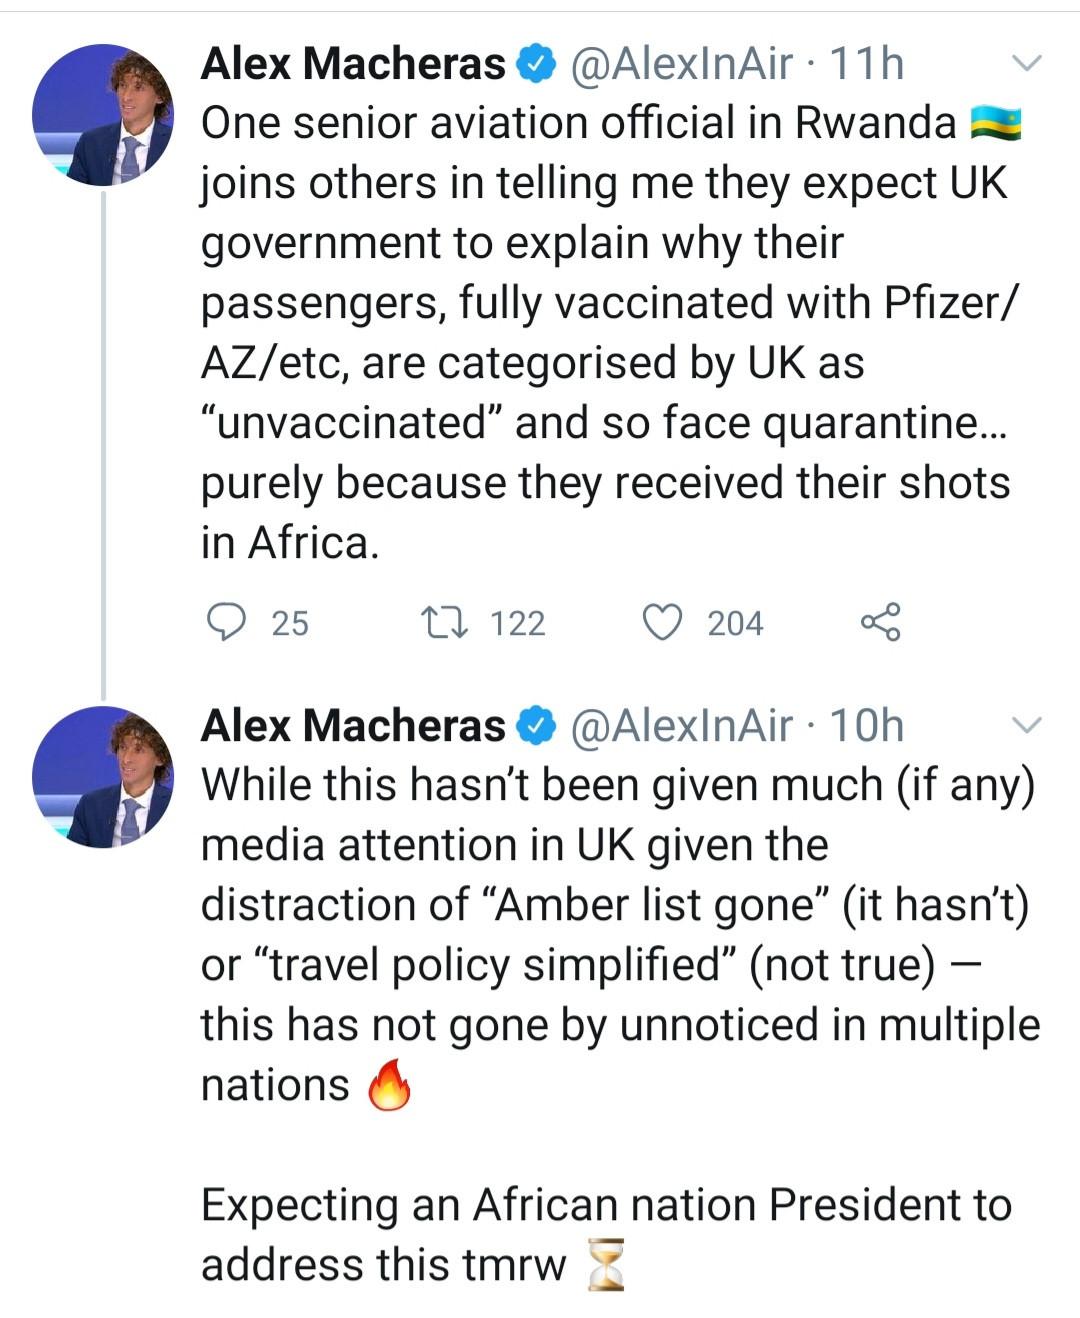 Les personnes vaccinées en Afrique, en Inde et aux Émirats arabes unis considérées comme ''non vaccinées''- gouvernement britannique